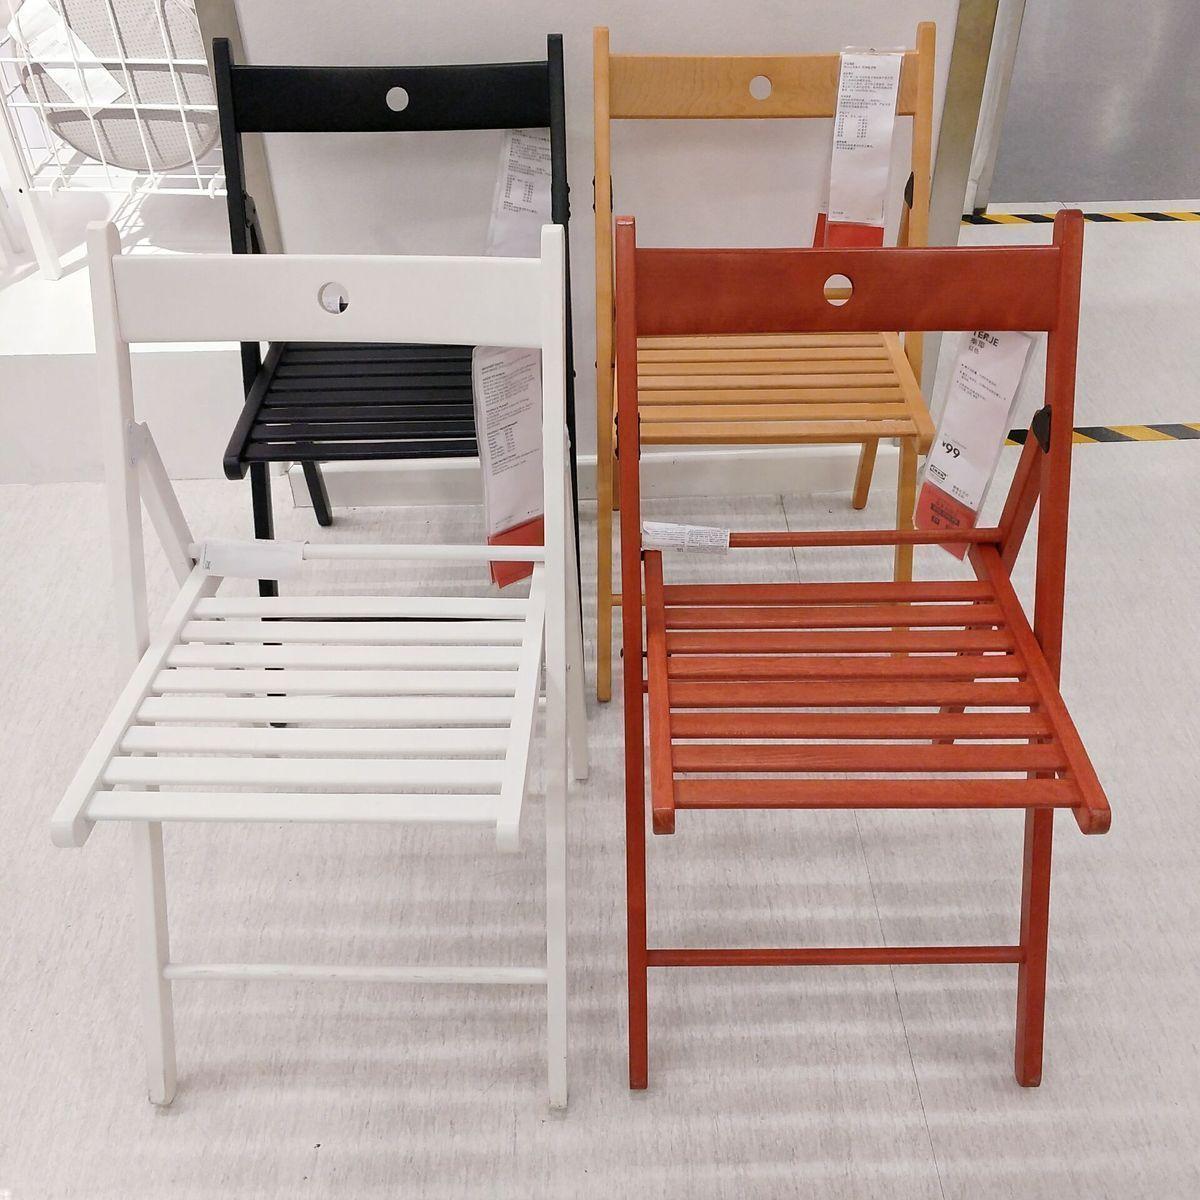 南京IKEA宜家家居国内代购泰耶折叠椅子餐椅实榉木带靠背户外休闲